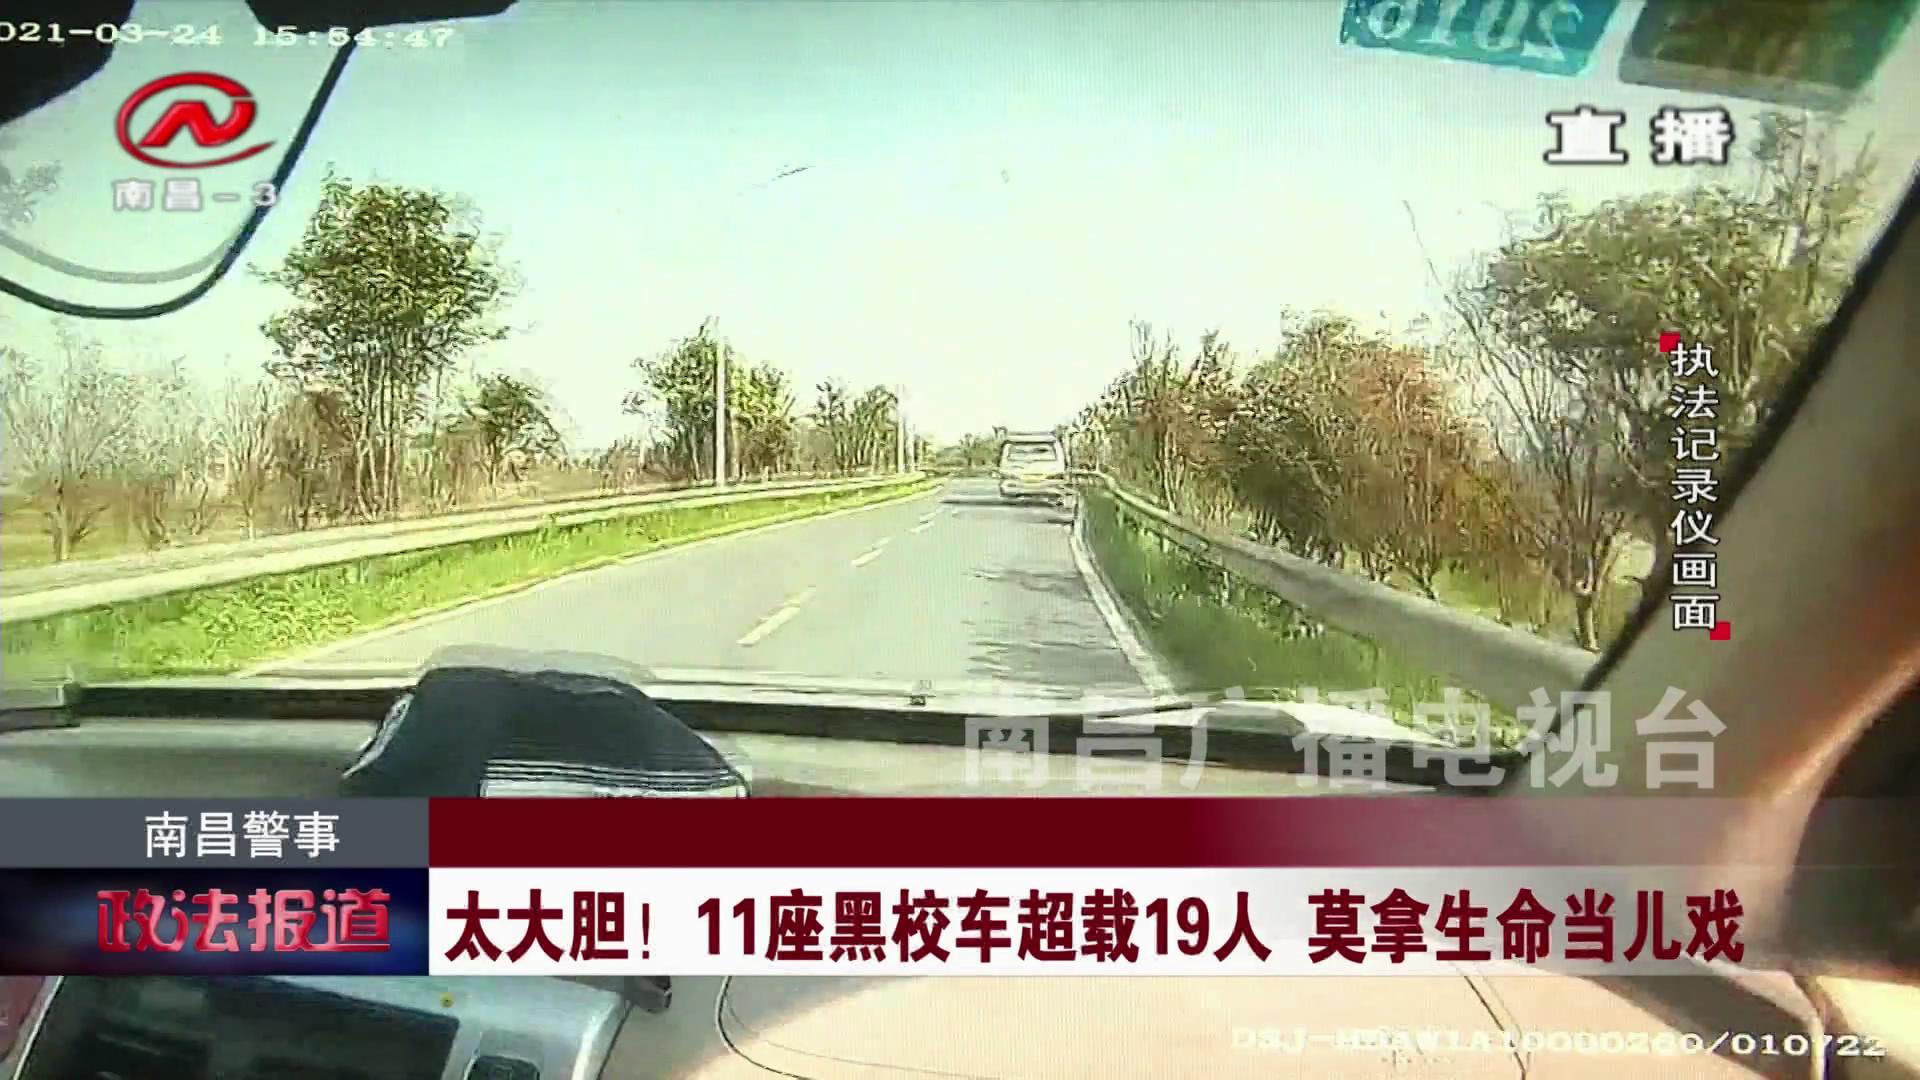 """""""太大膽!11座黑校車超載19人 莫拿生命當兒戲"""